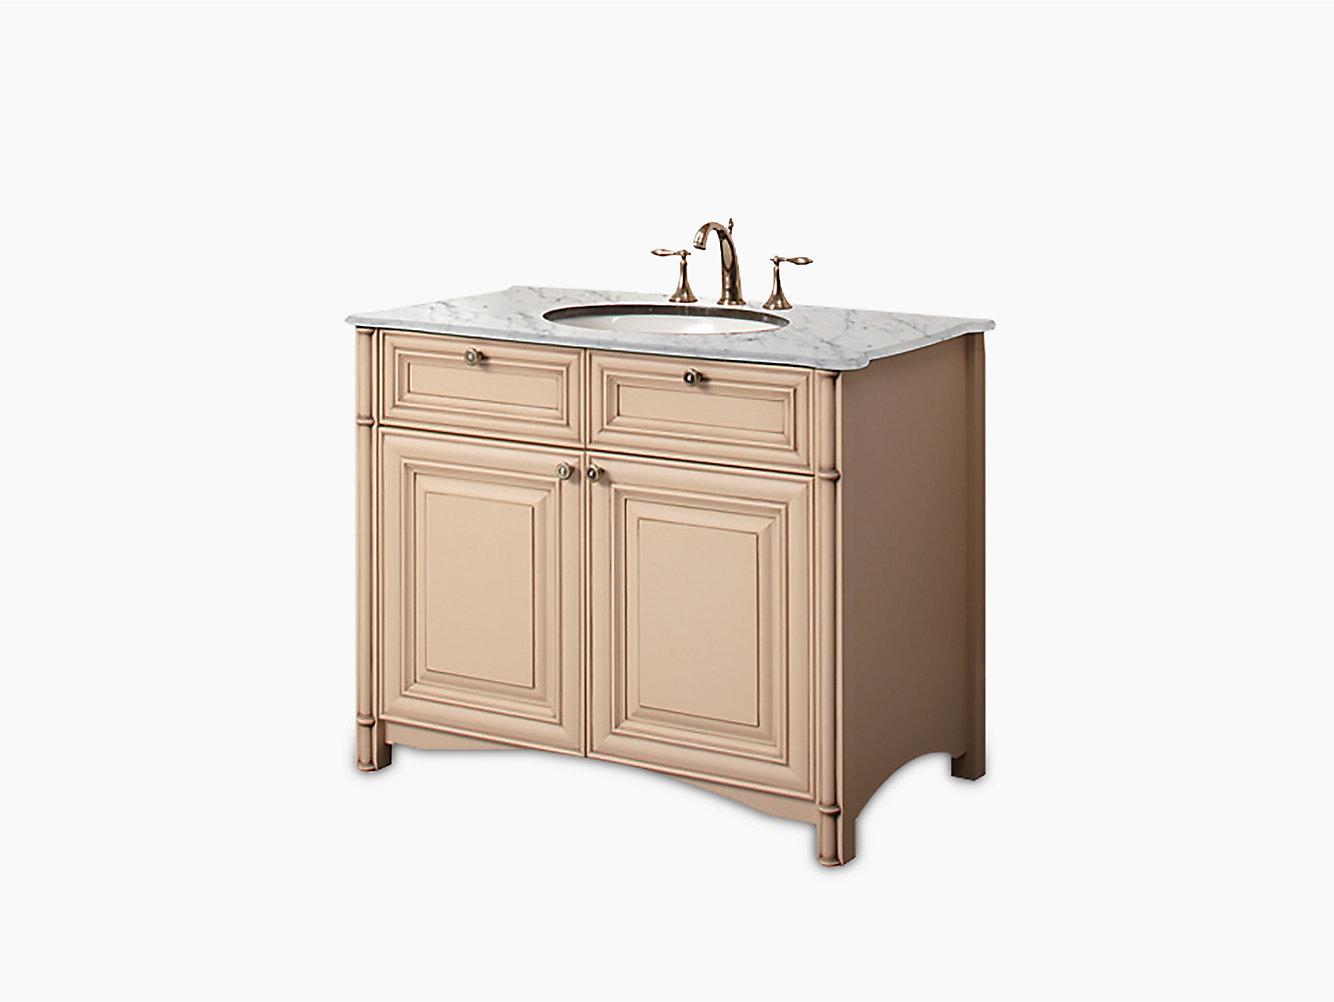 mussel adriatic index our modular bathrooms bathroom furniture